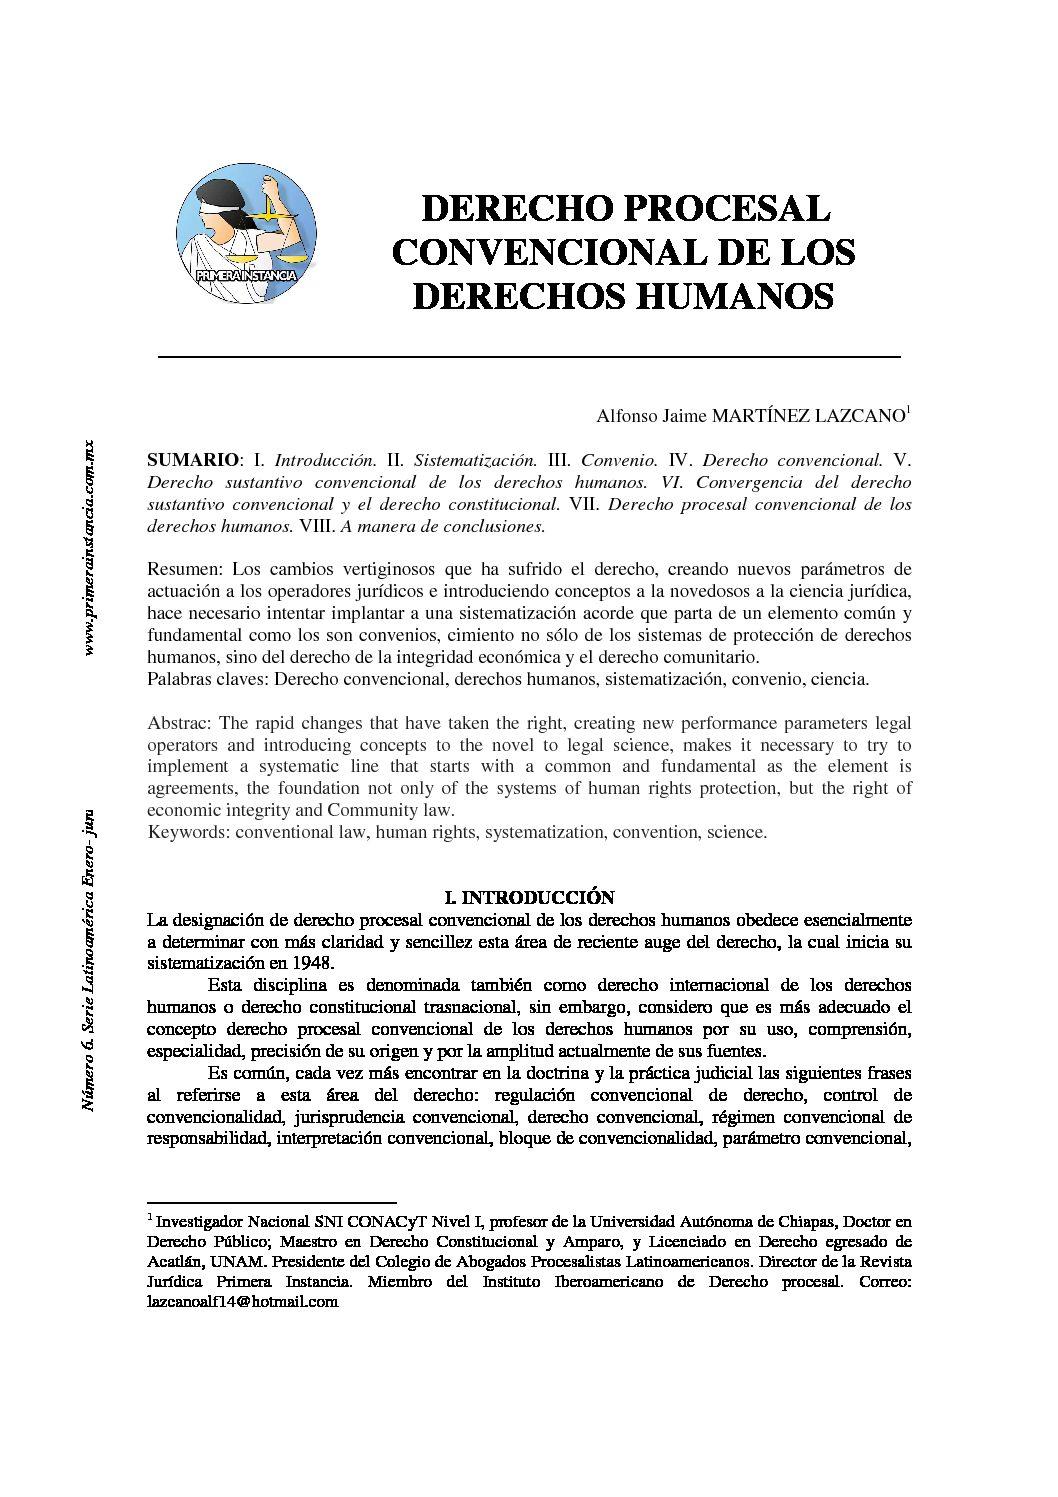 DERECHO PROCESAL CONVENCIONAL DE LOS DERECHOS HUMANOS. Alfonso Jaime Martínez Lazcano